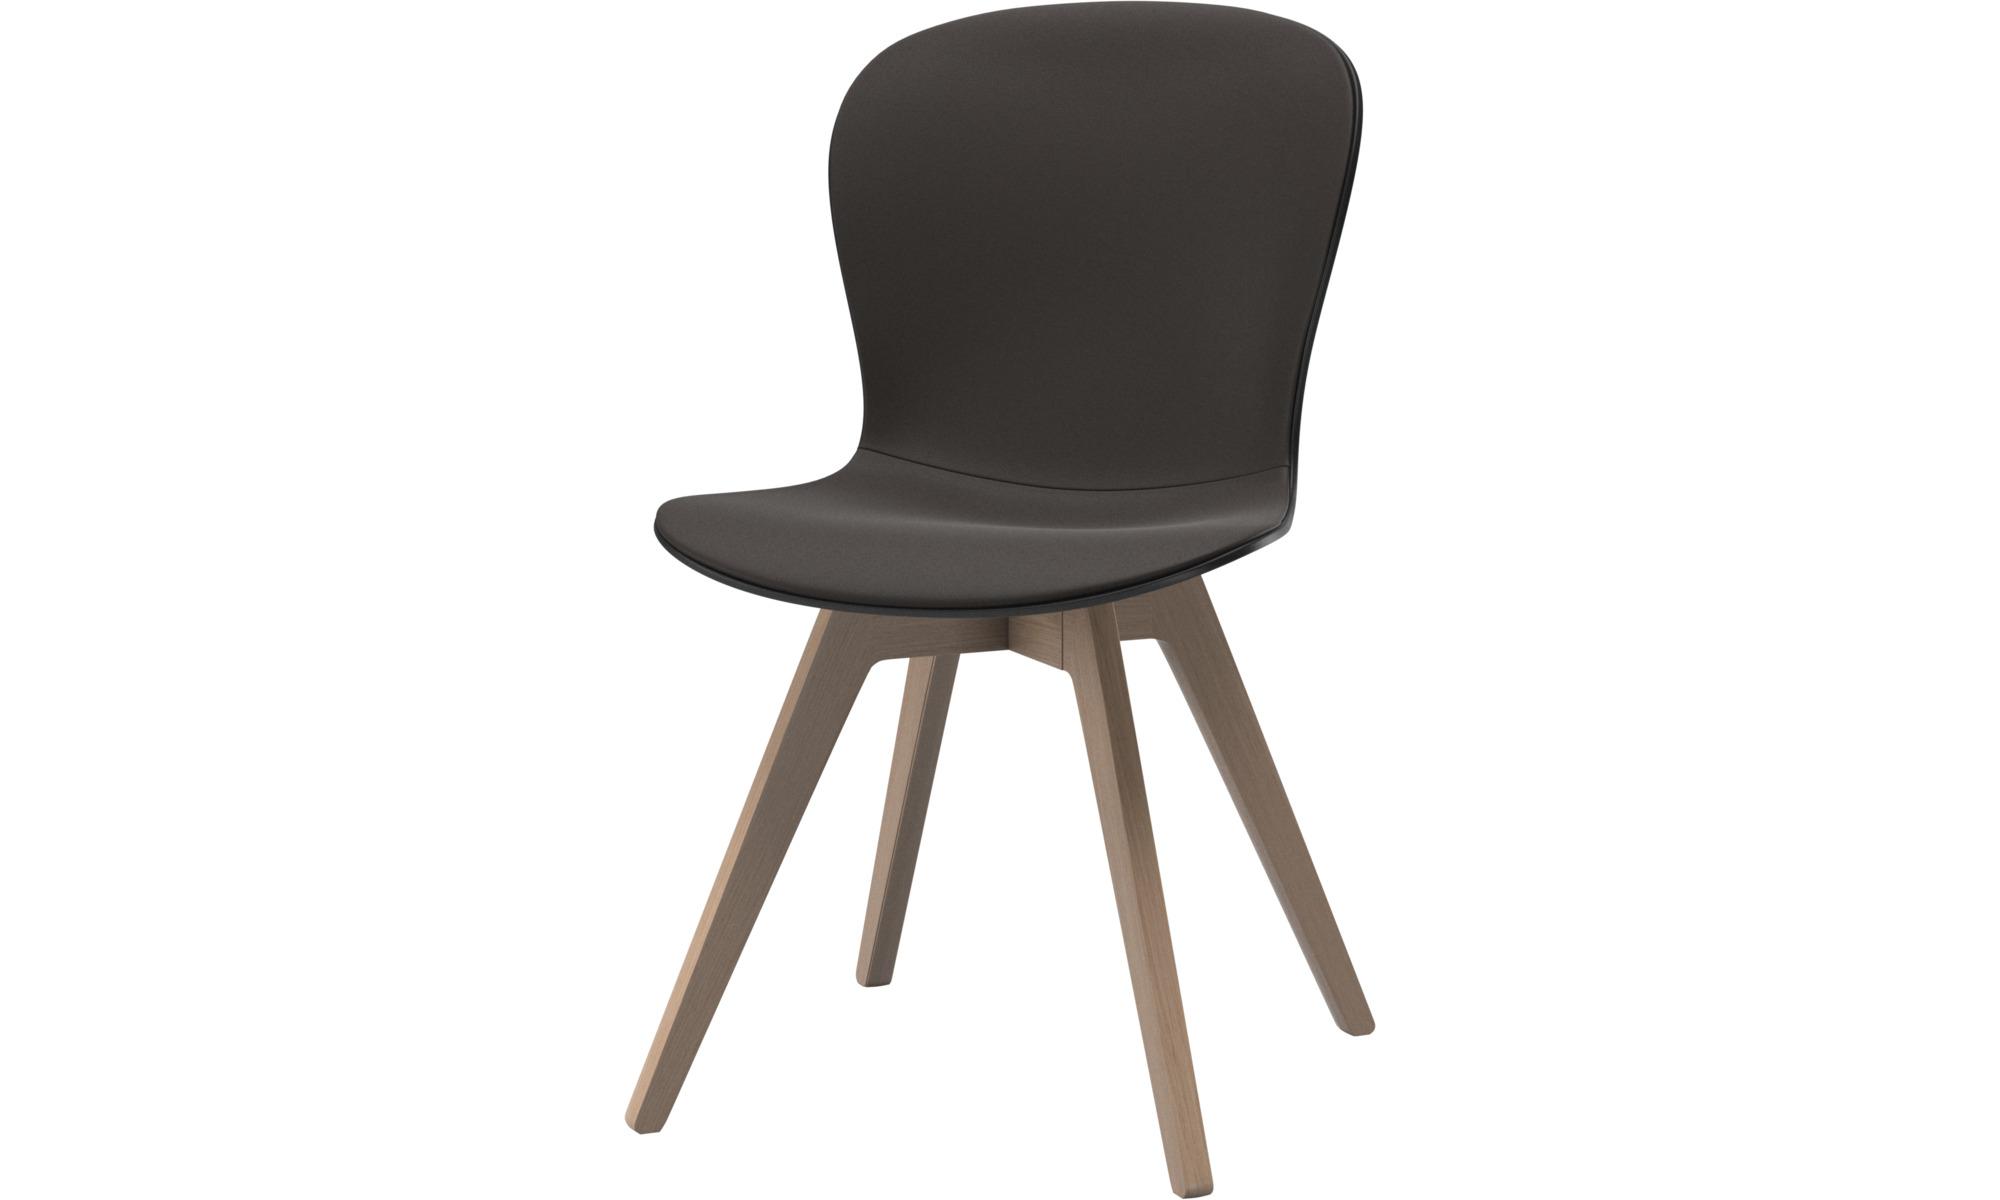 sillas de comedor boconcept